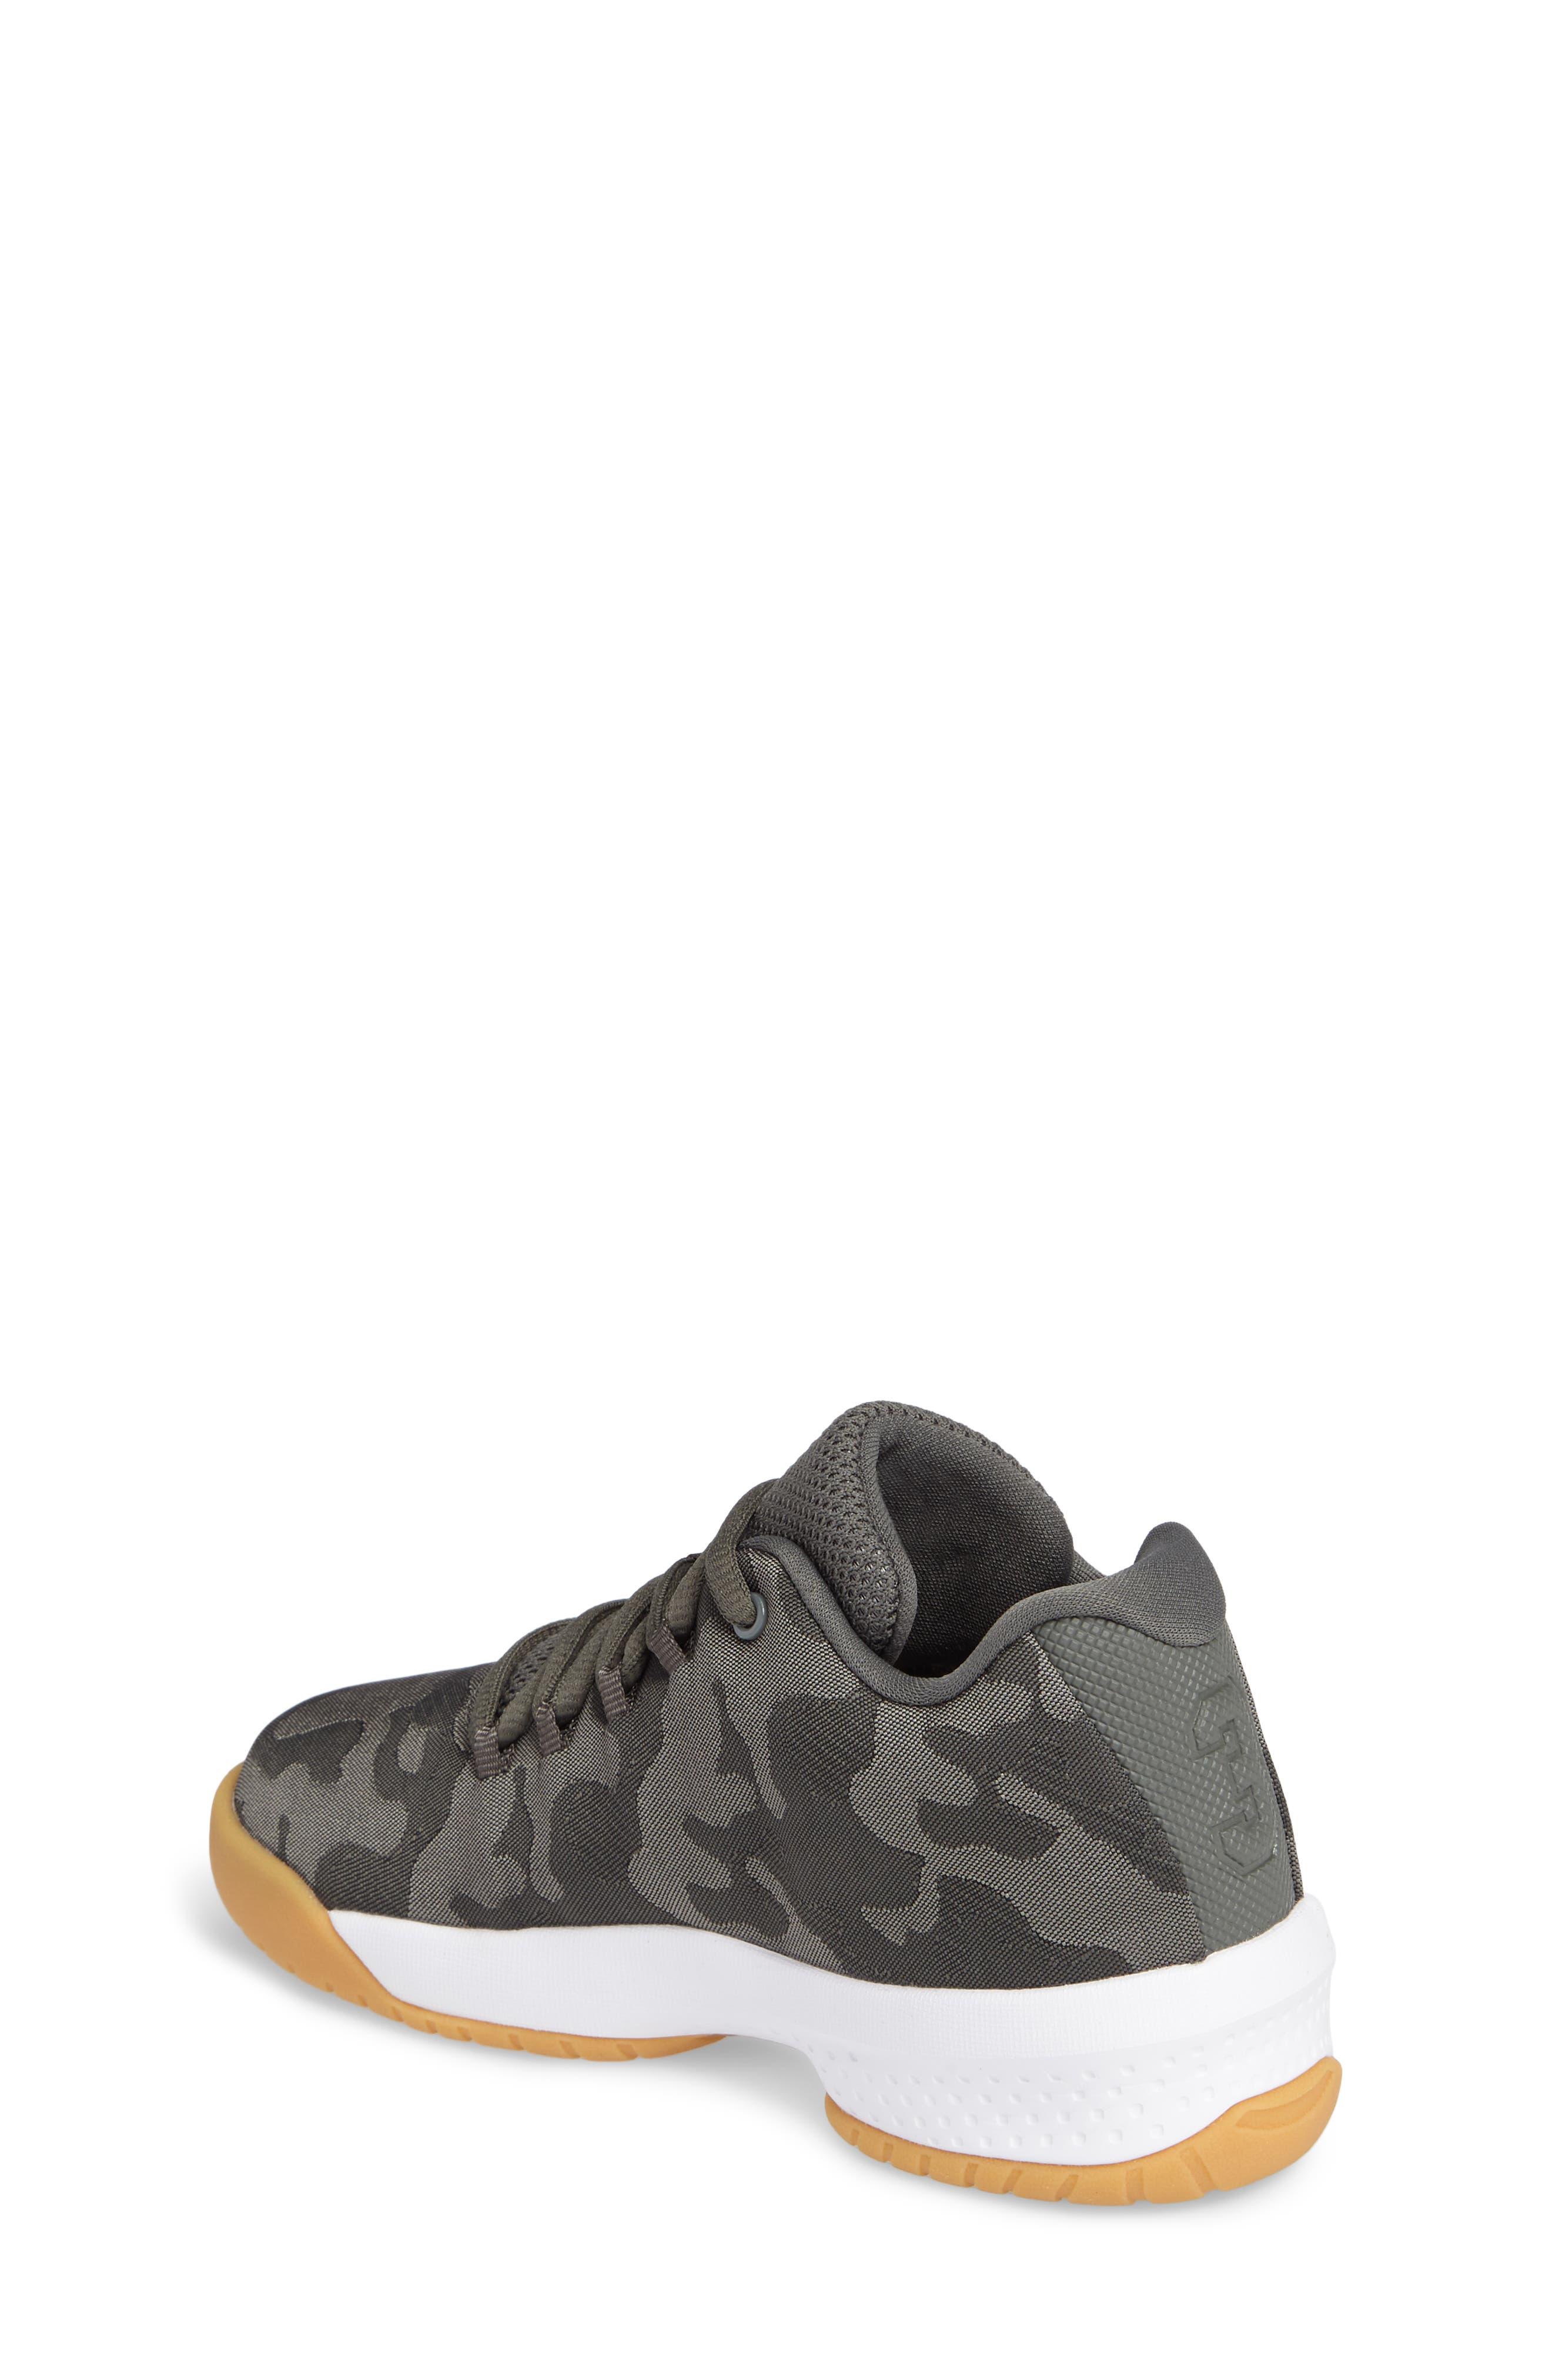 Alternate Image 2  - Nike Jordan B. Fly Basketball Shoe (Toddler & Little Kid)